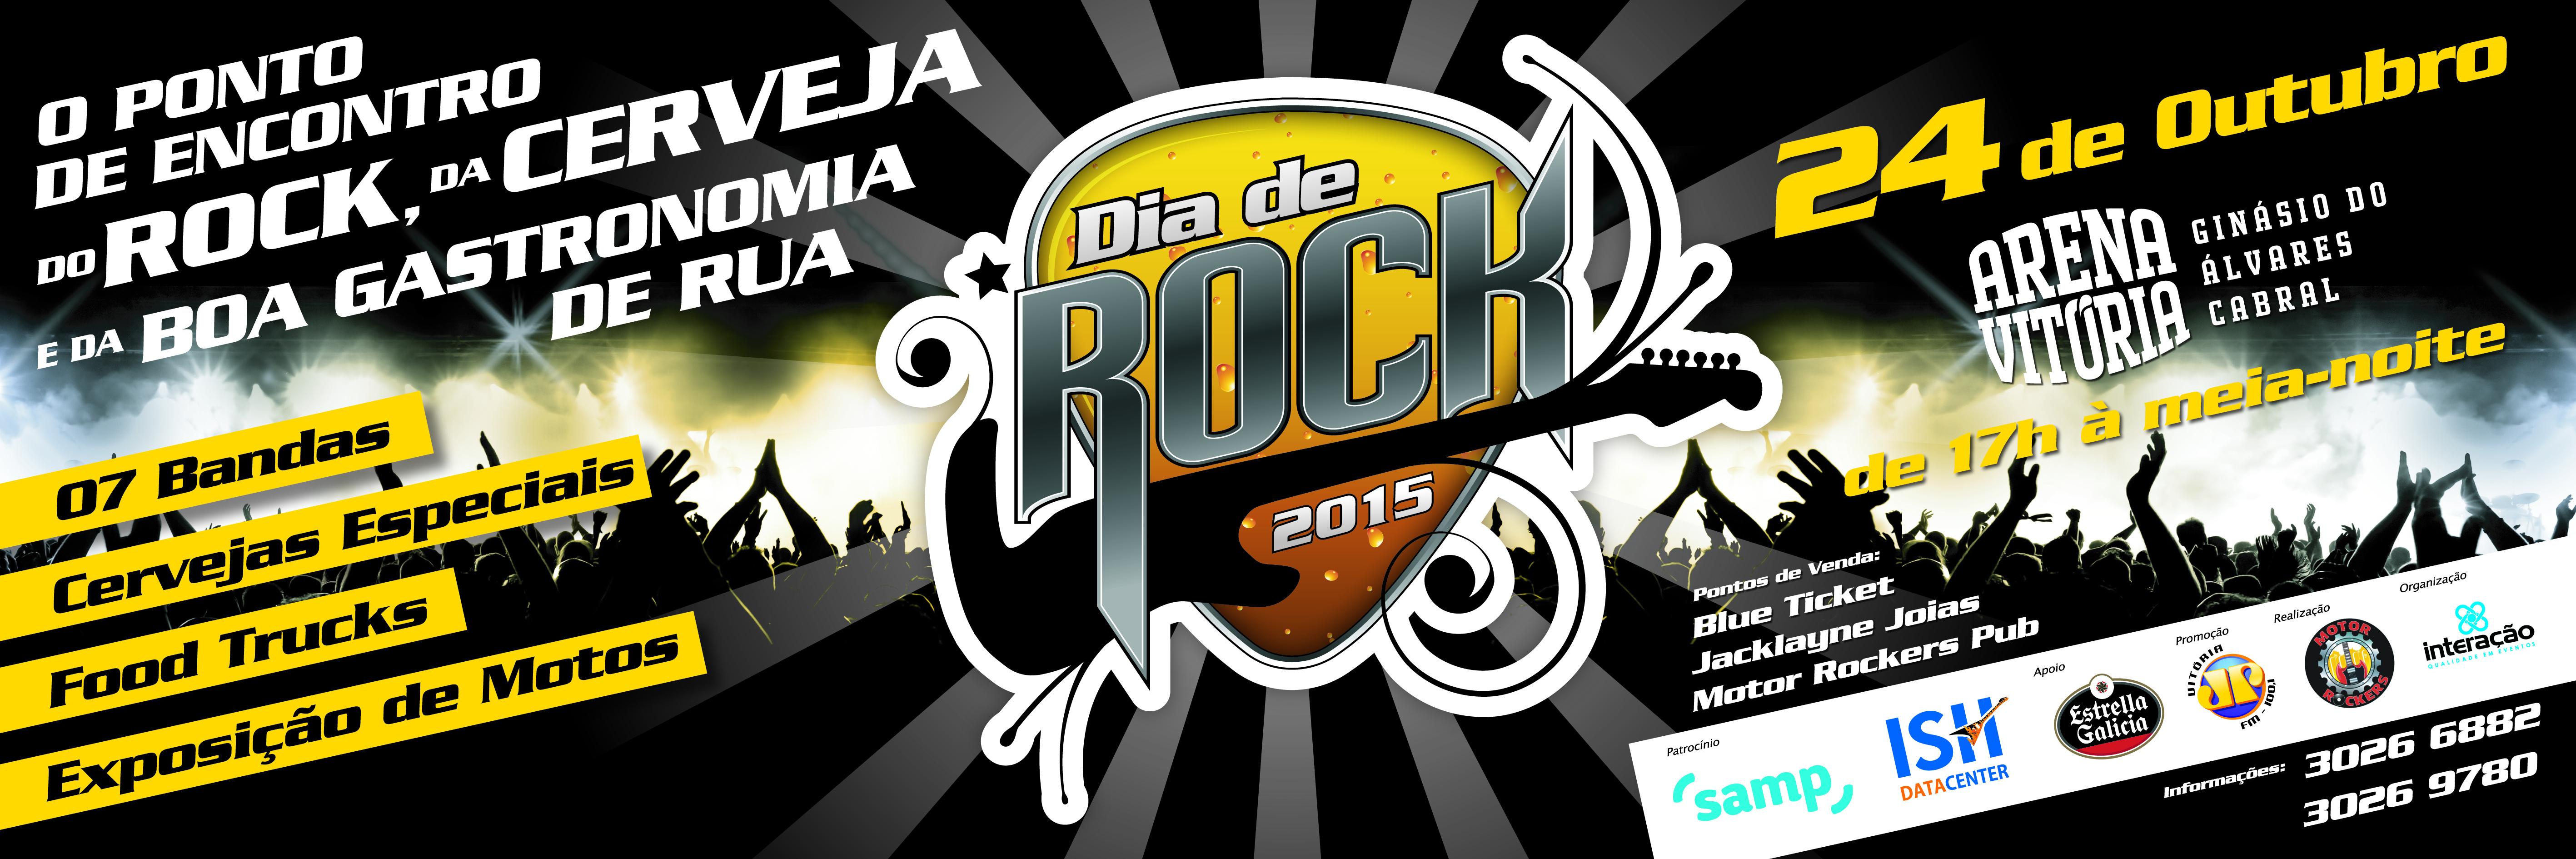 Dia de Rock 2015_1ªEdição